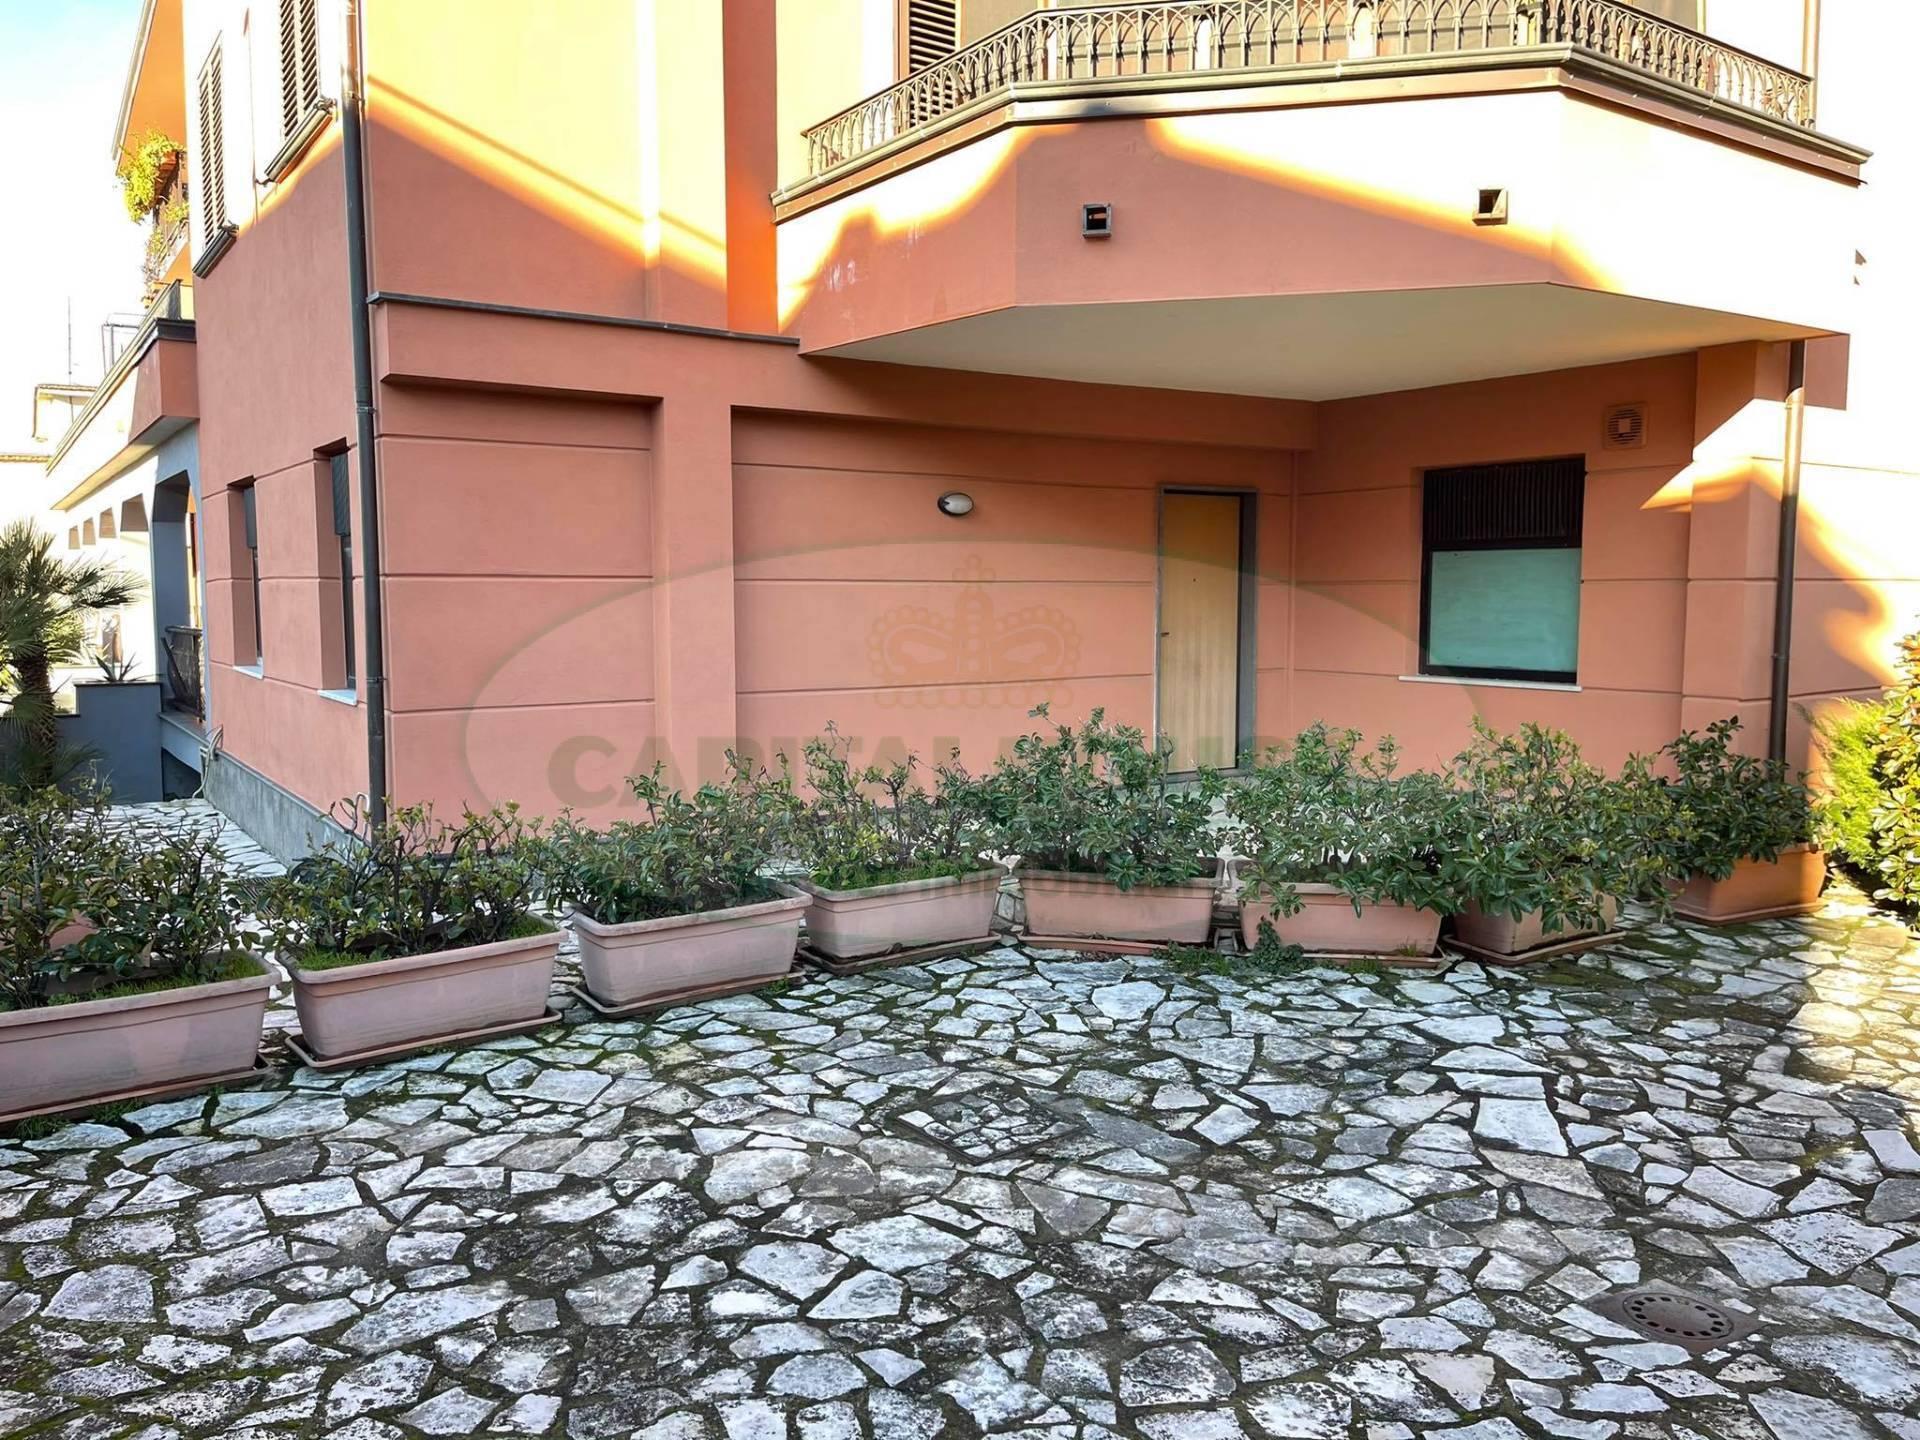 Negozio / Locale in affitto a Avella, 9999 locali, prezzo € 430   CambioCasa.it